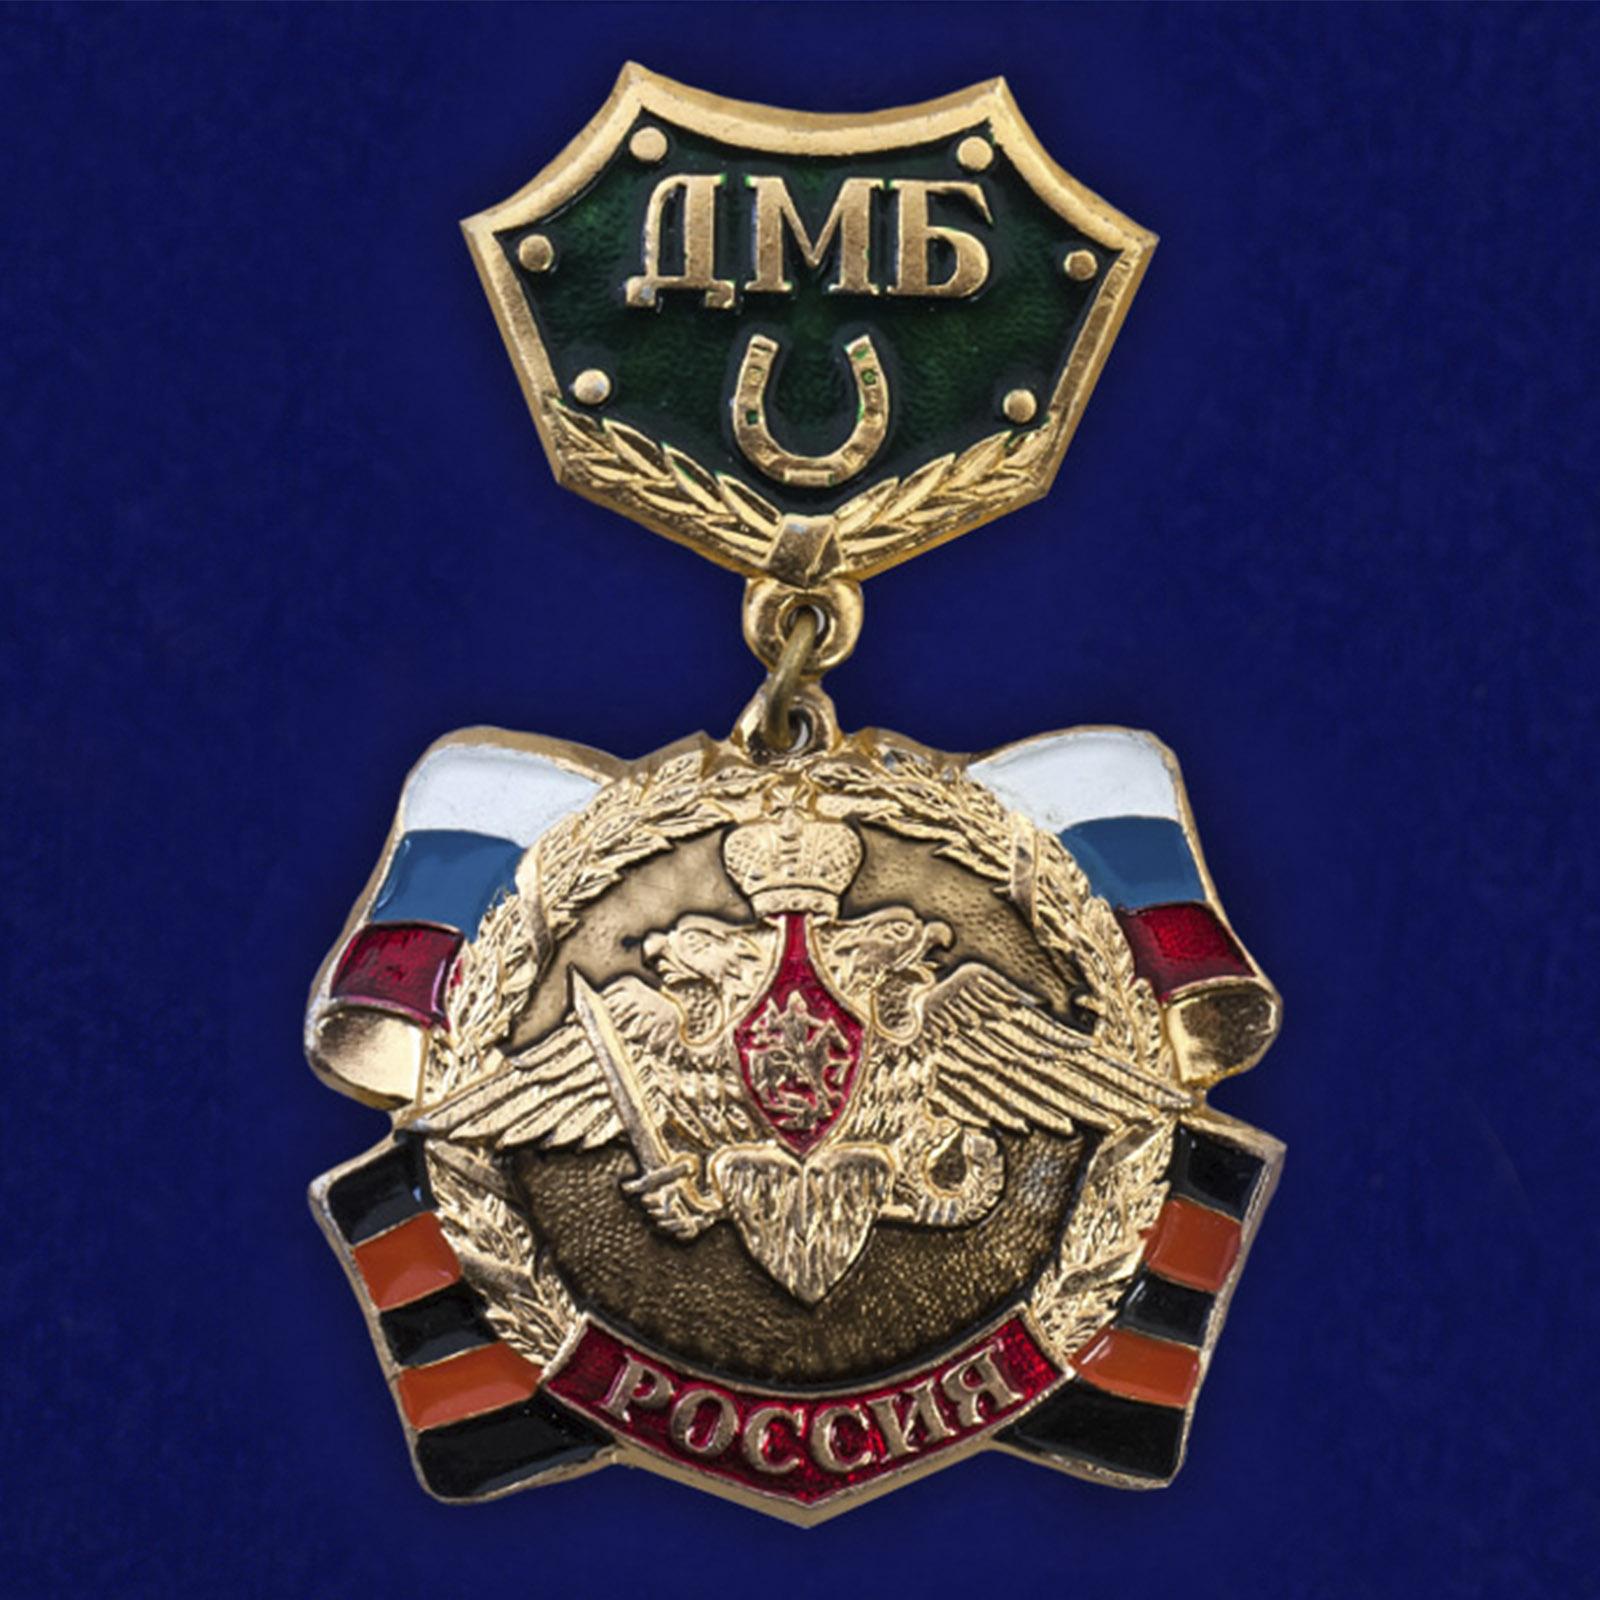 Медаль ДМБ Россия (колодка с подковой, зеленый)